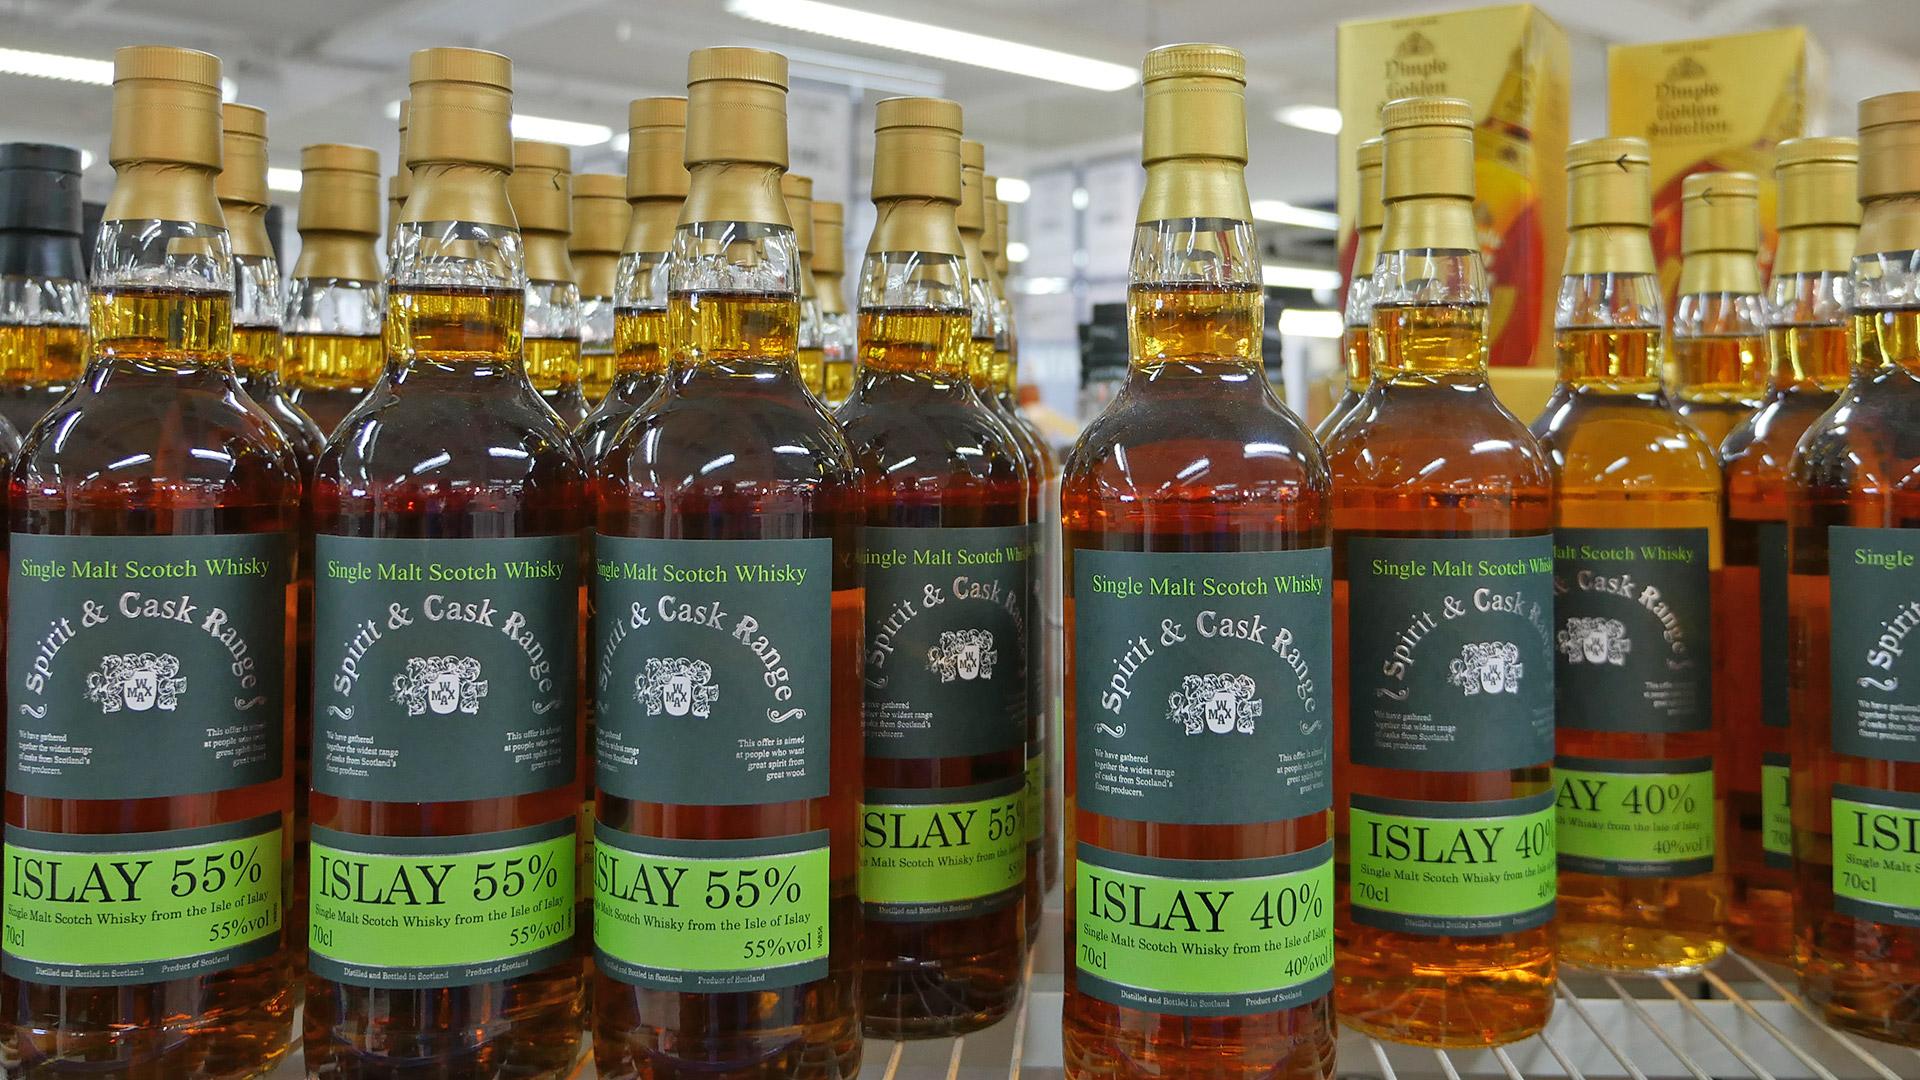 Welche Islay-Destillerie da wohl drin ist? Die Spirit & Cask Range von Whiskymax bringt einen Islay Single Malt mit 55 % in die Flasche (Foto: Malt Whisky)